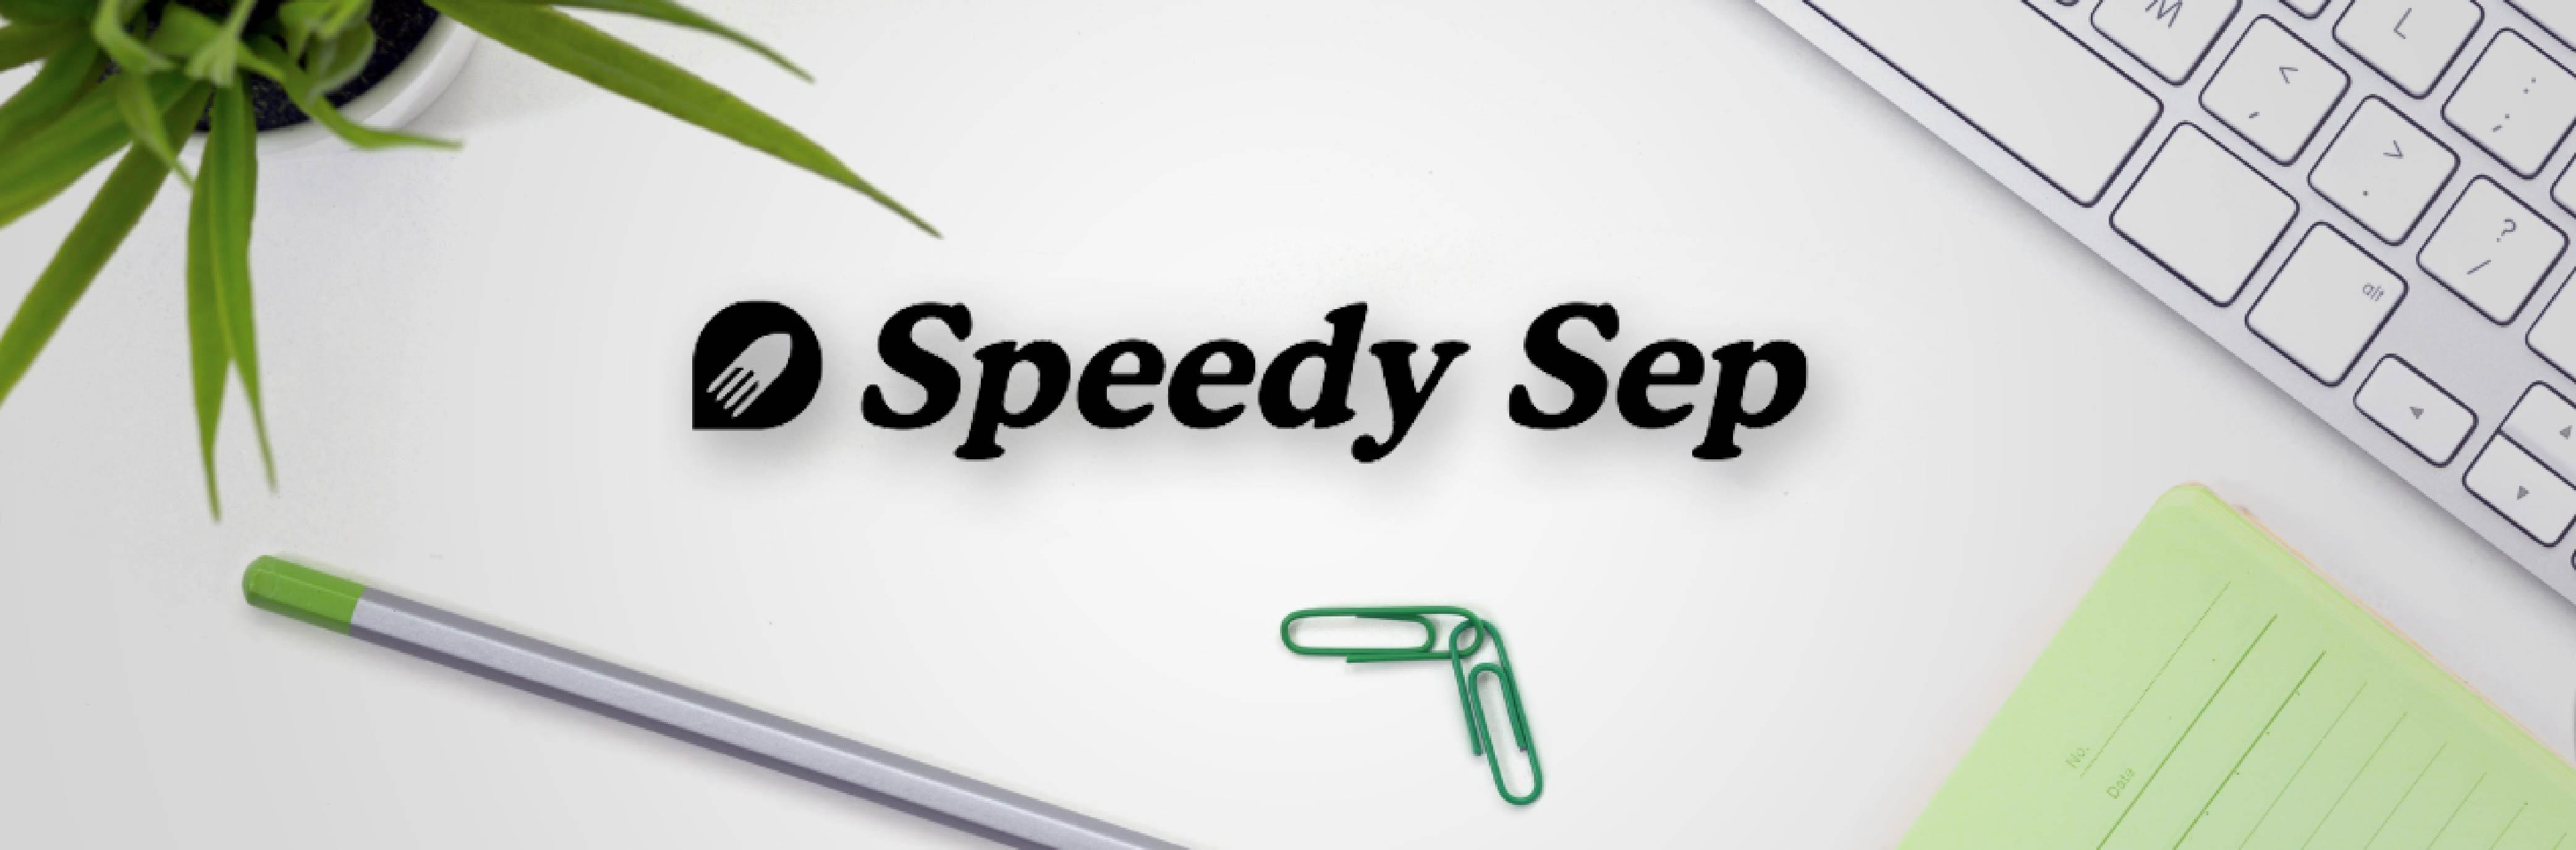 Speedysep